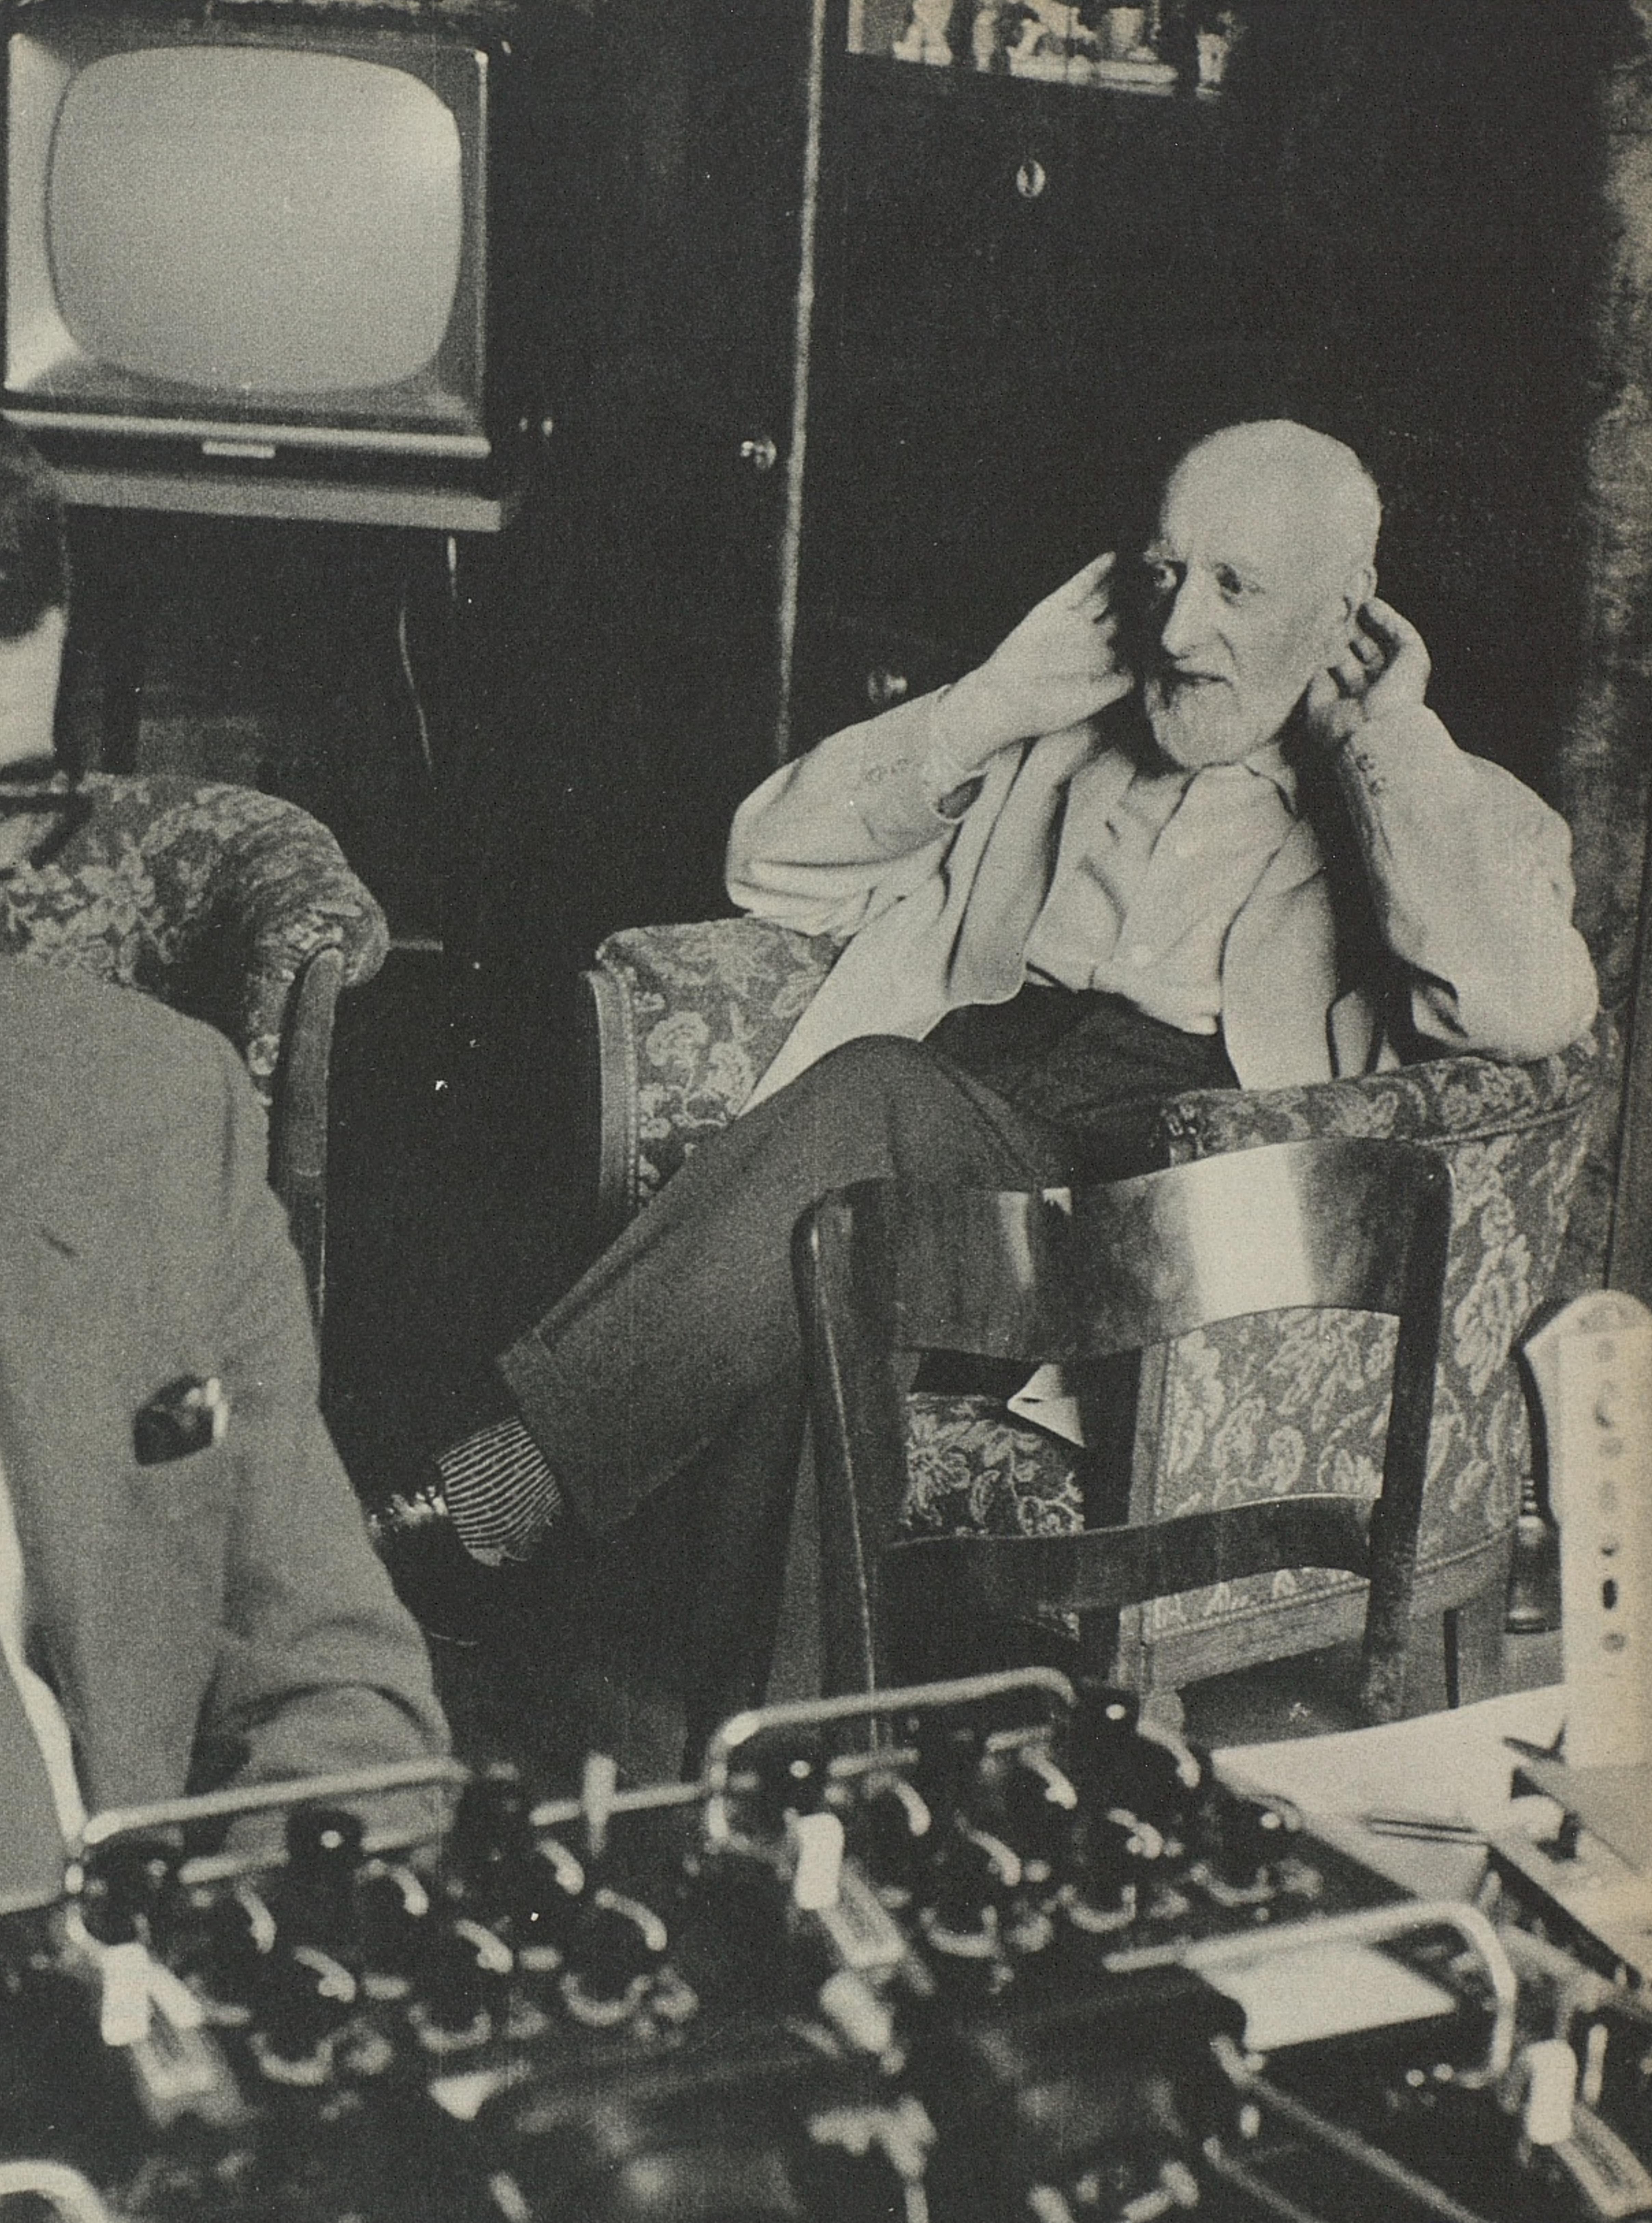 Ernest Ansermet écoute un test d'enregistrement du Chasseur Maudit de César Franck. À l'extrême-gauche Roy Wallace, ingénieur du son de Decca. Une photo faite par Jean Mohr le 25 ou le 26 mars 1961 lors des séances d'enregistrement au Victoria Hall de Genève, cliquer pour une vue agrandie et plus d'infos